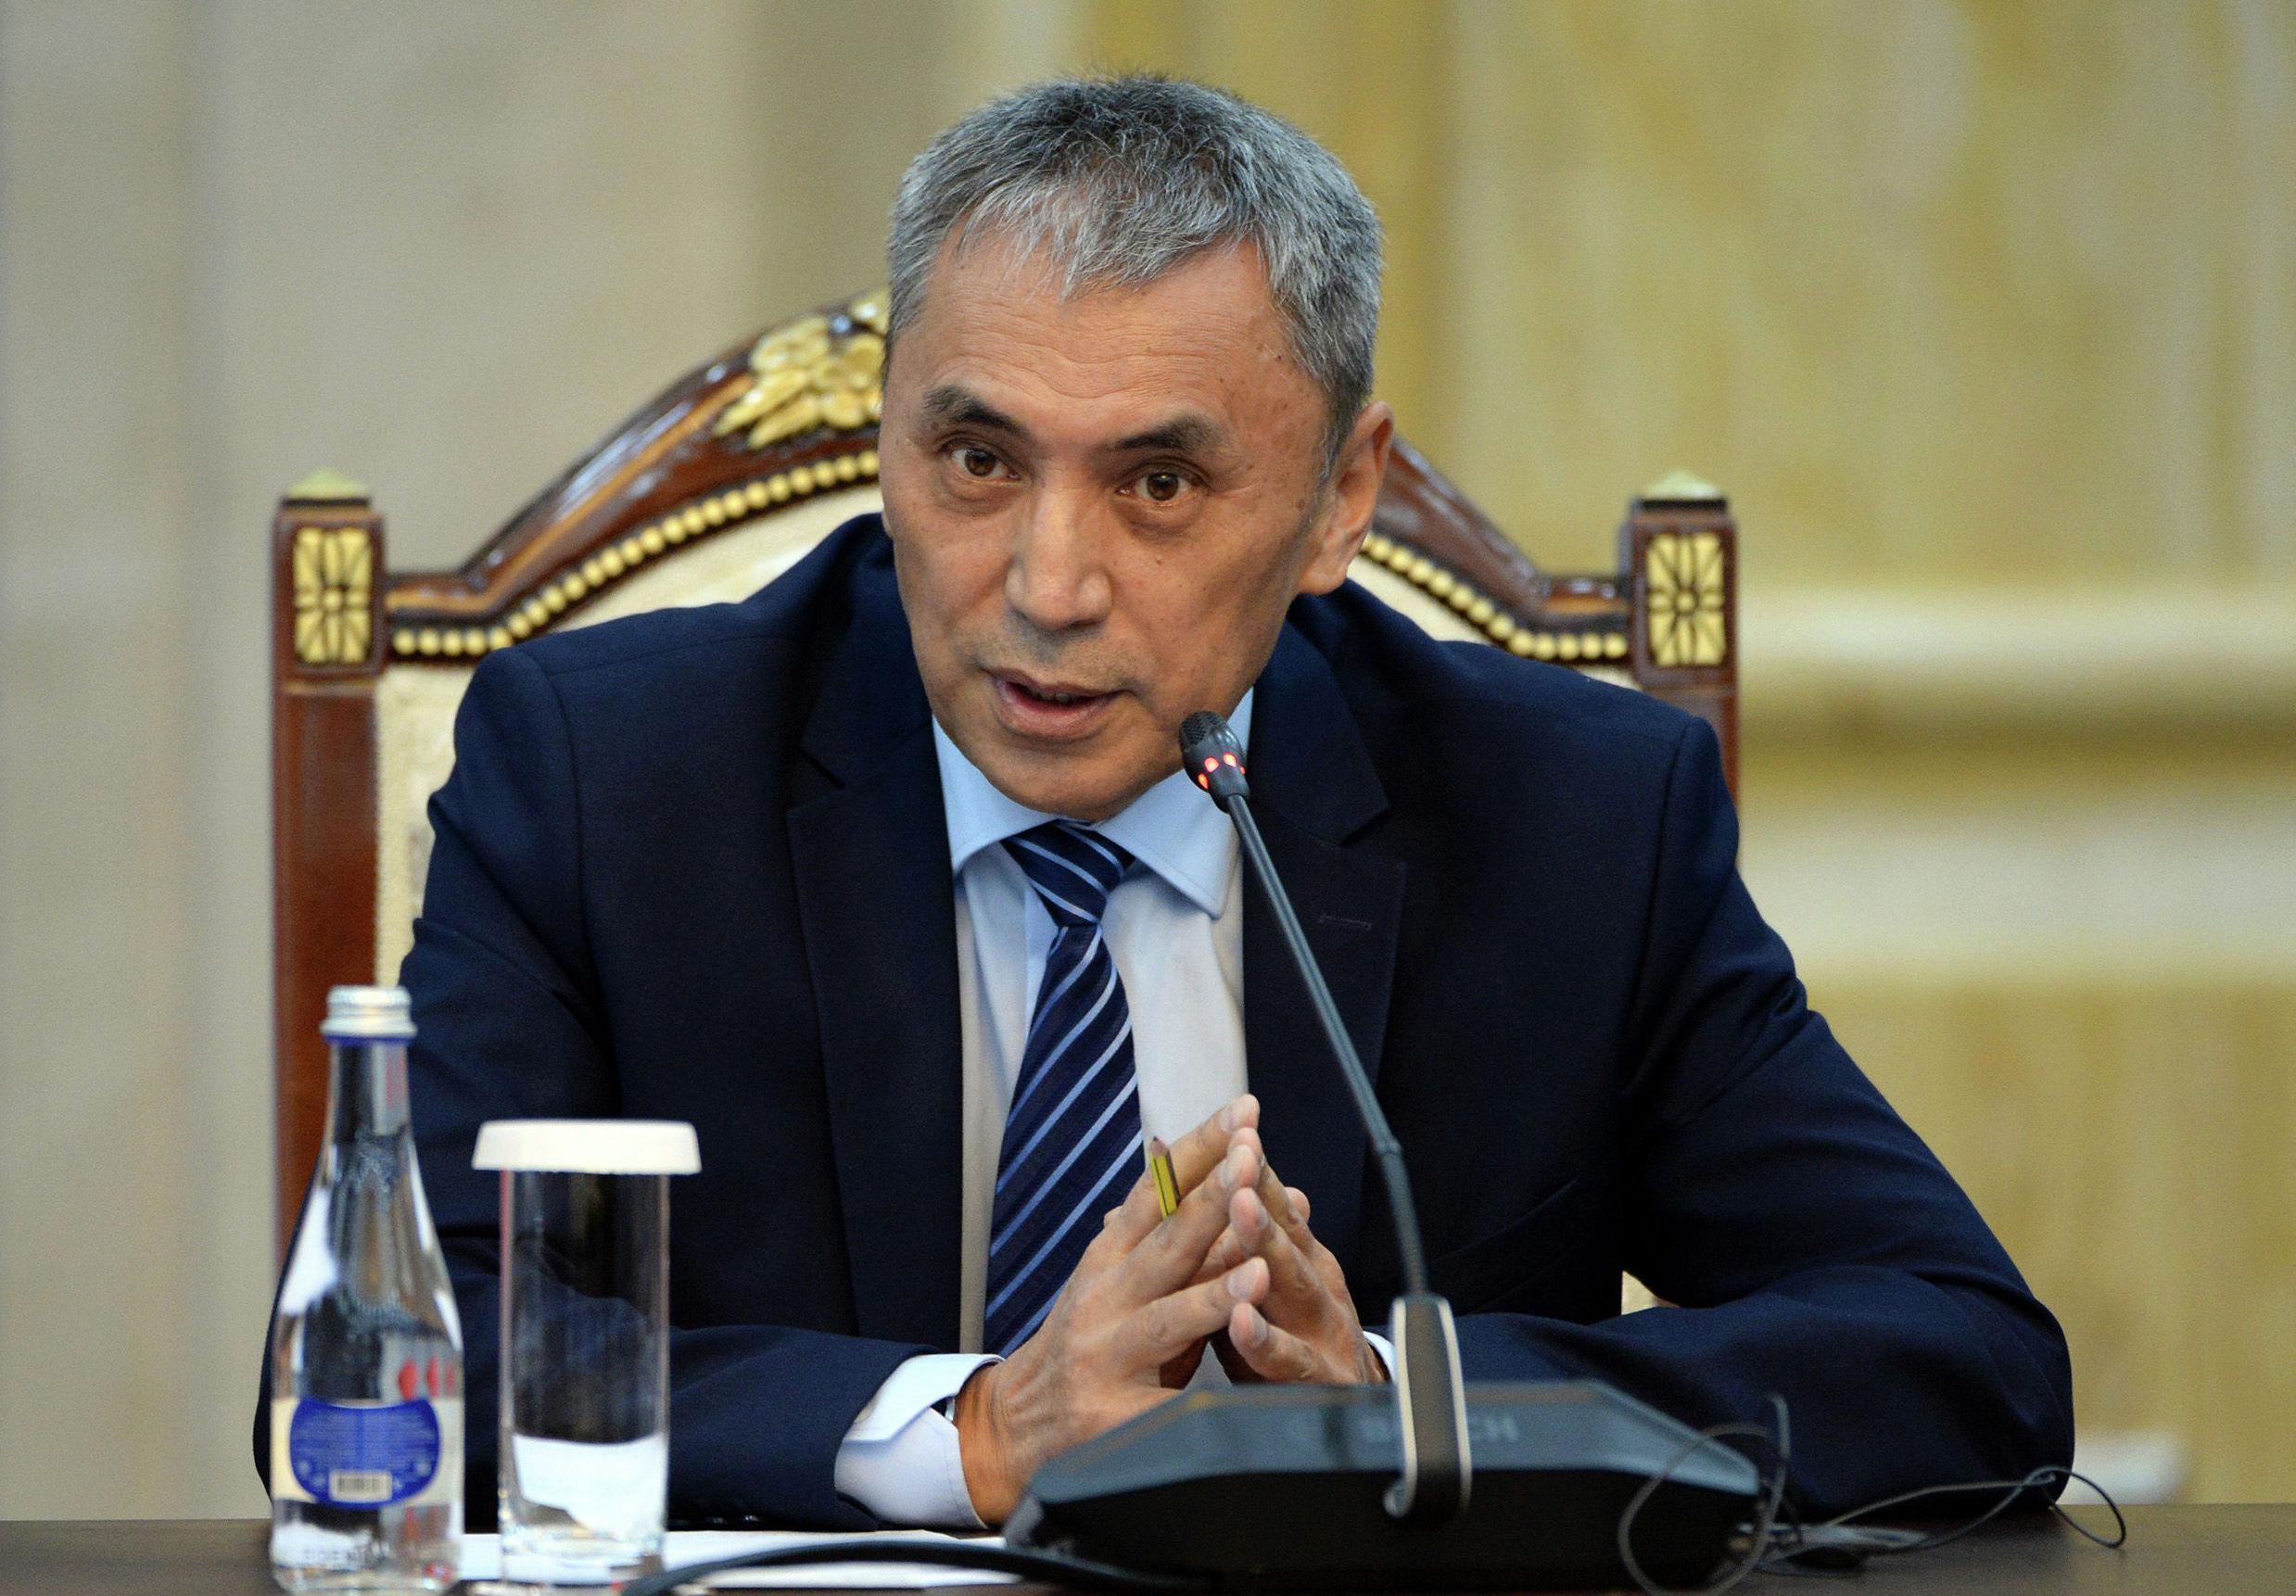 Директор информационного агентства Кабар Кубан Таабалдиев во время встречи с президентом